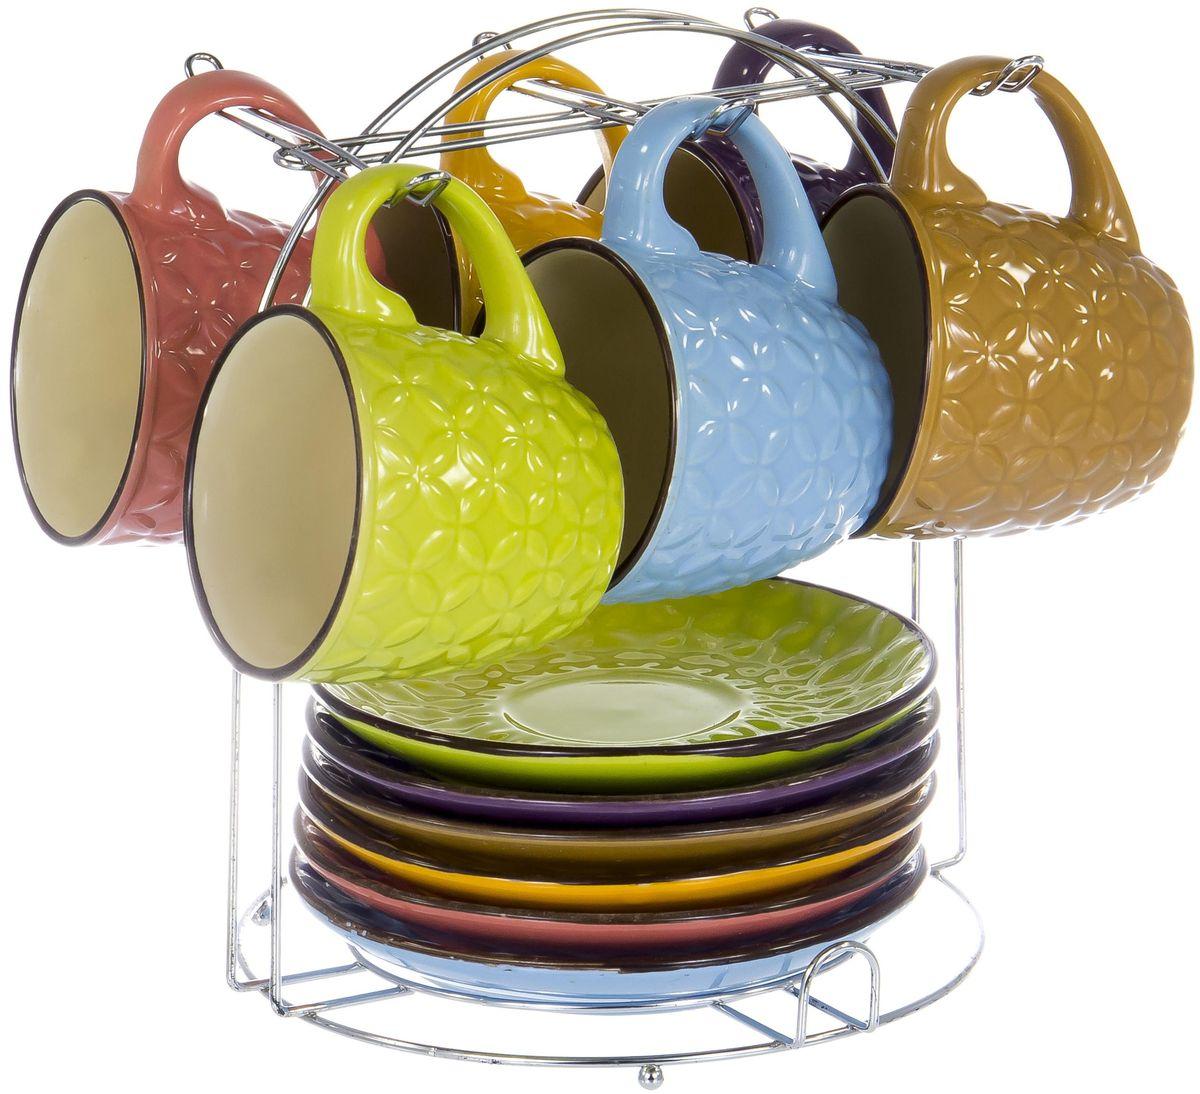 """Чайный набор """"Elrington"""" состоит из шести чашек и шести блюдец. Изделия выполнены из высококачественной керамики. Такой набор изящно дополнит сервировку стола к чаепитию. Благодаря оригинальному дизайну и качеству исполнения, он станет замечательным подарком для ваших друзей и близких."""